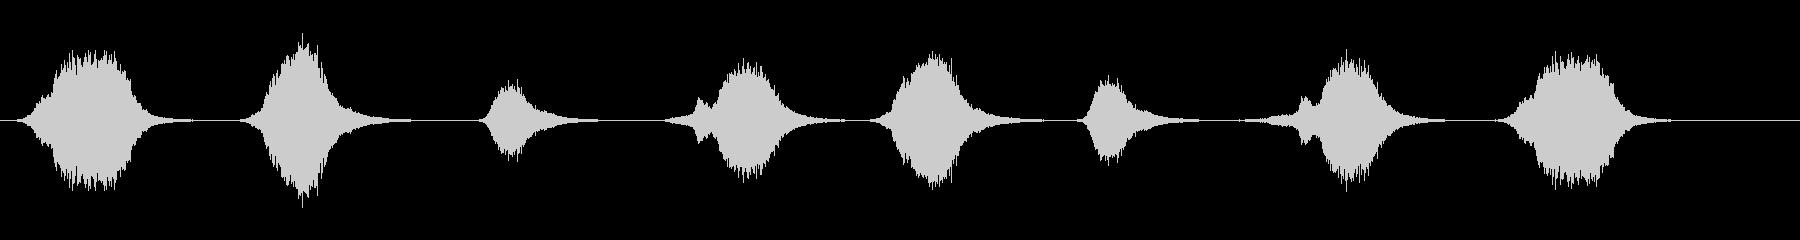 レーザー、大砲:8インスタンスの未再生の波形